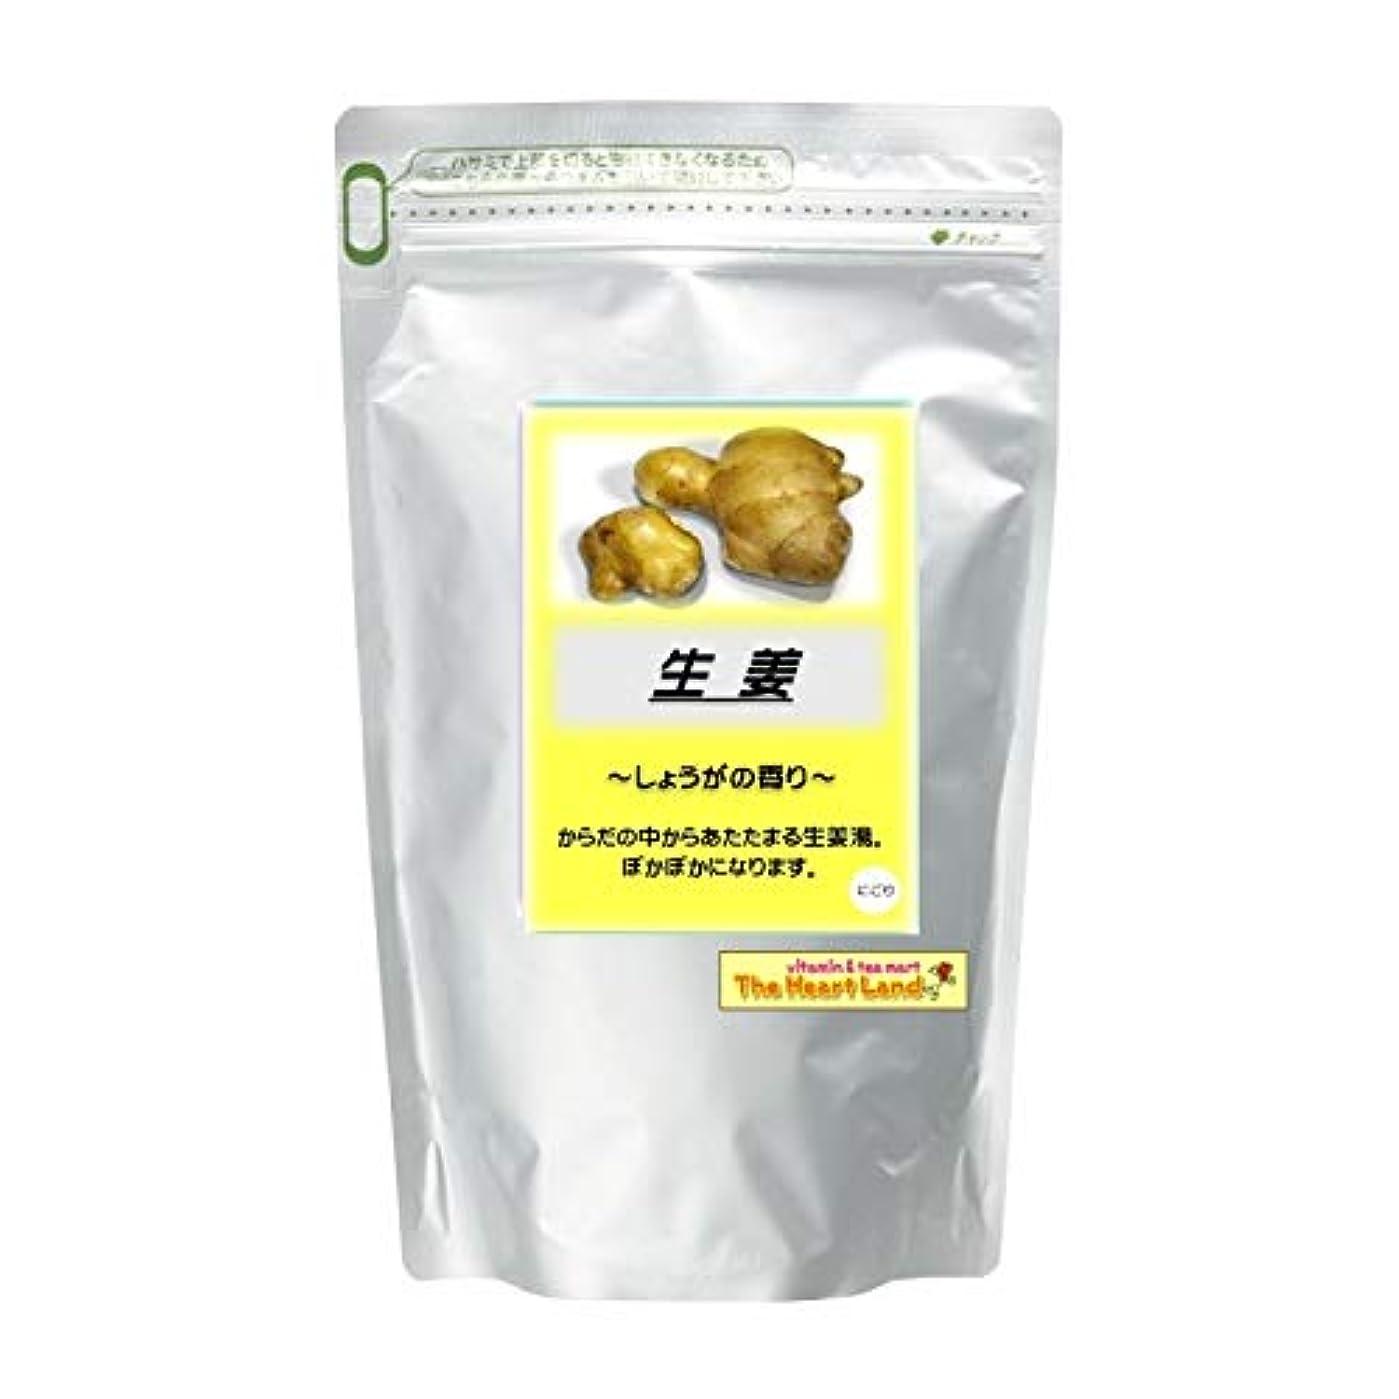 アマチュアリフレッシュ微妙アサヒ入浴剤 浴用入浴化粧品 生姜 2.5kg